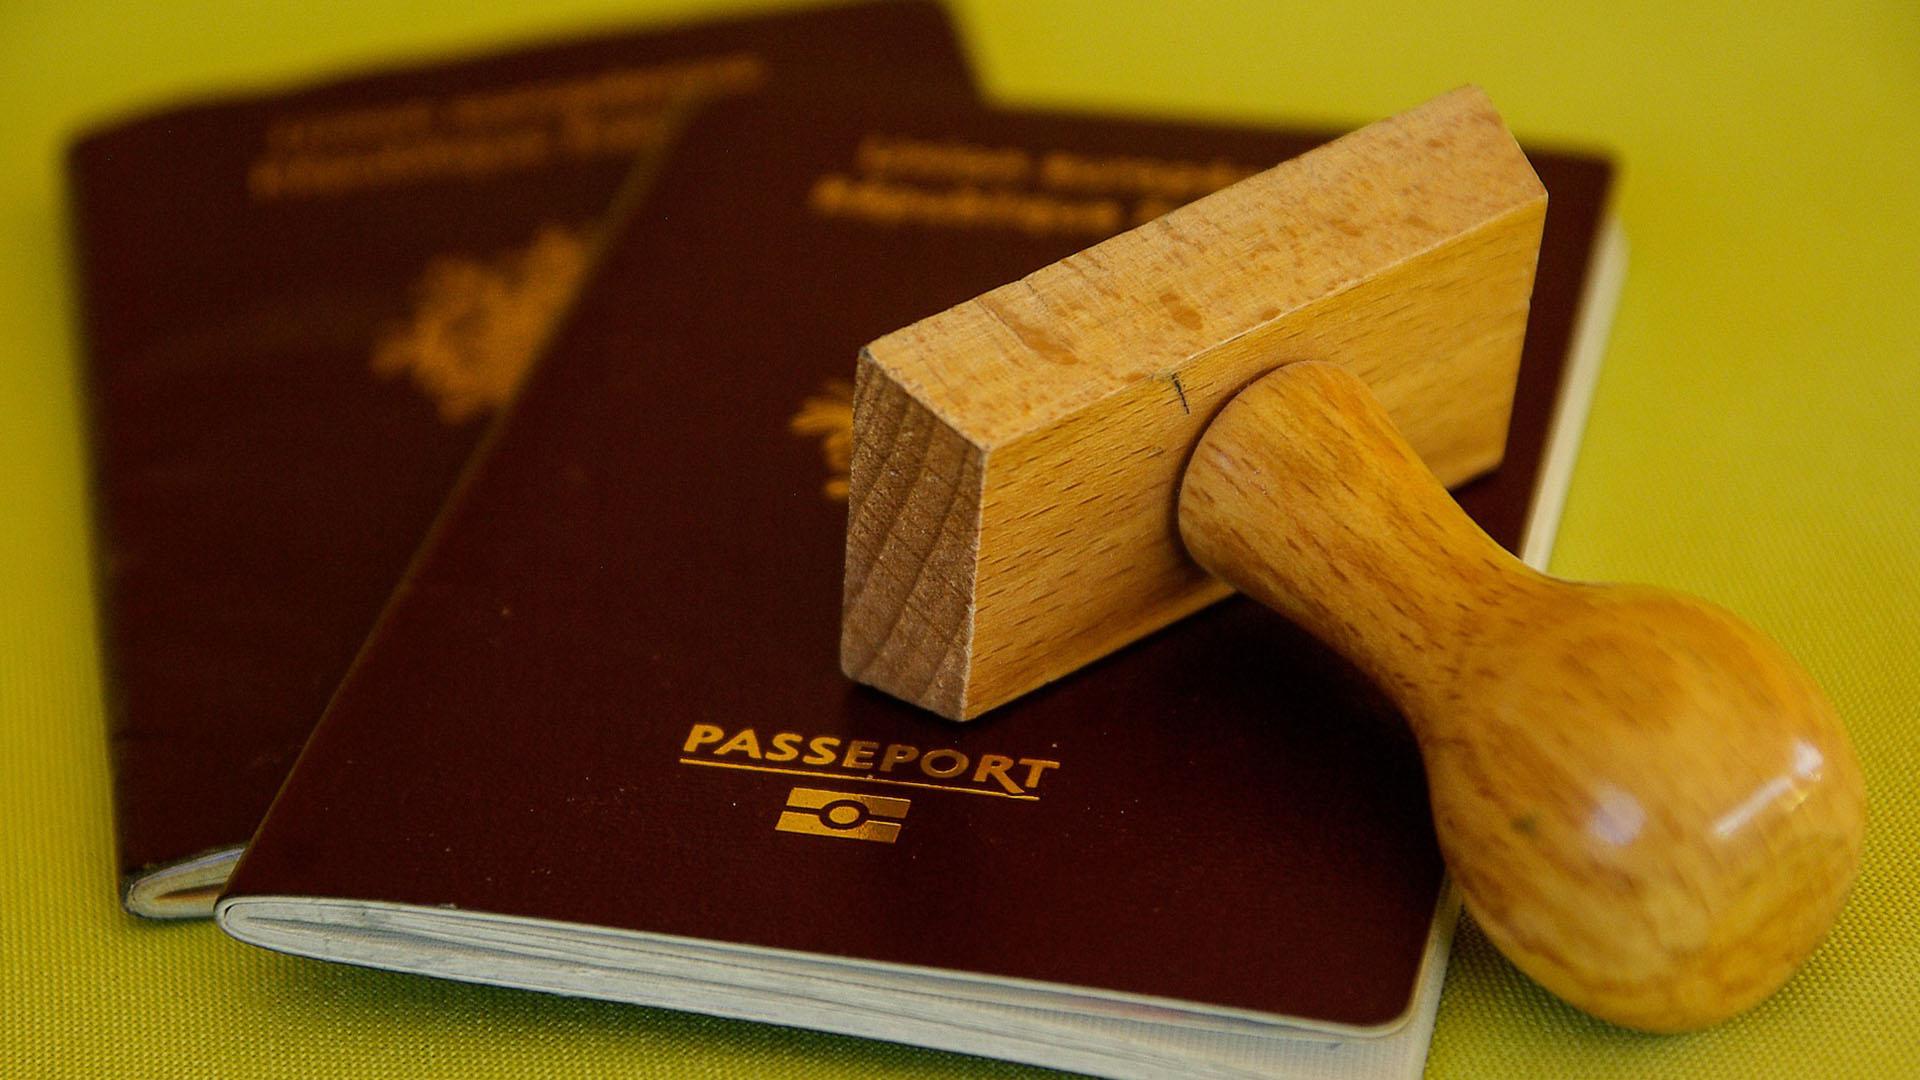 Com a isenção de visto canadense, ficará mais fácil a viagem para os brasileiros.